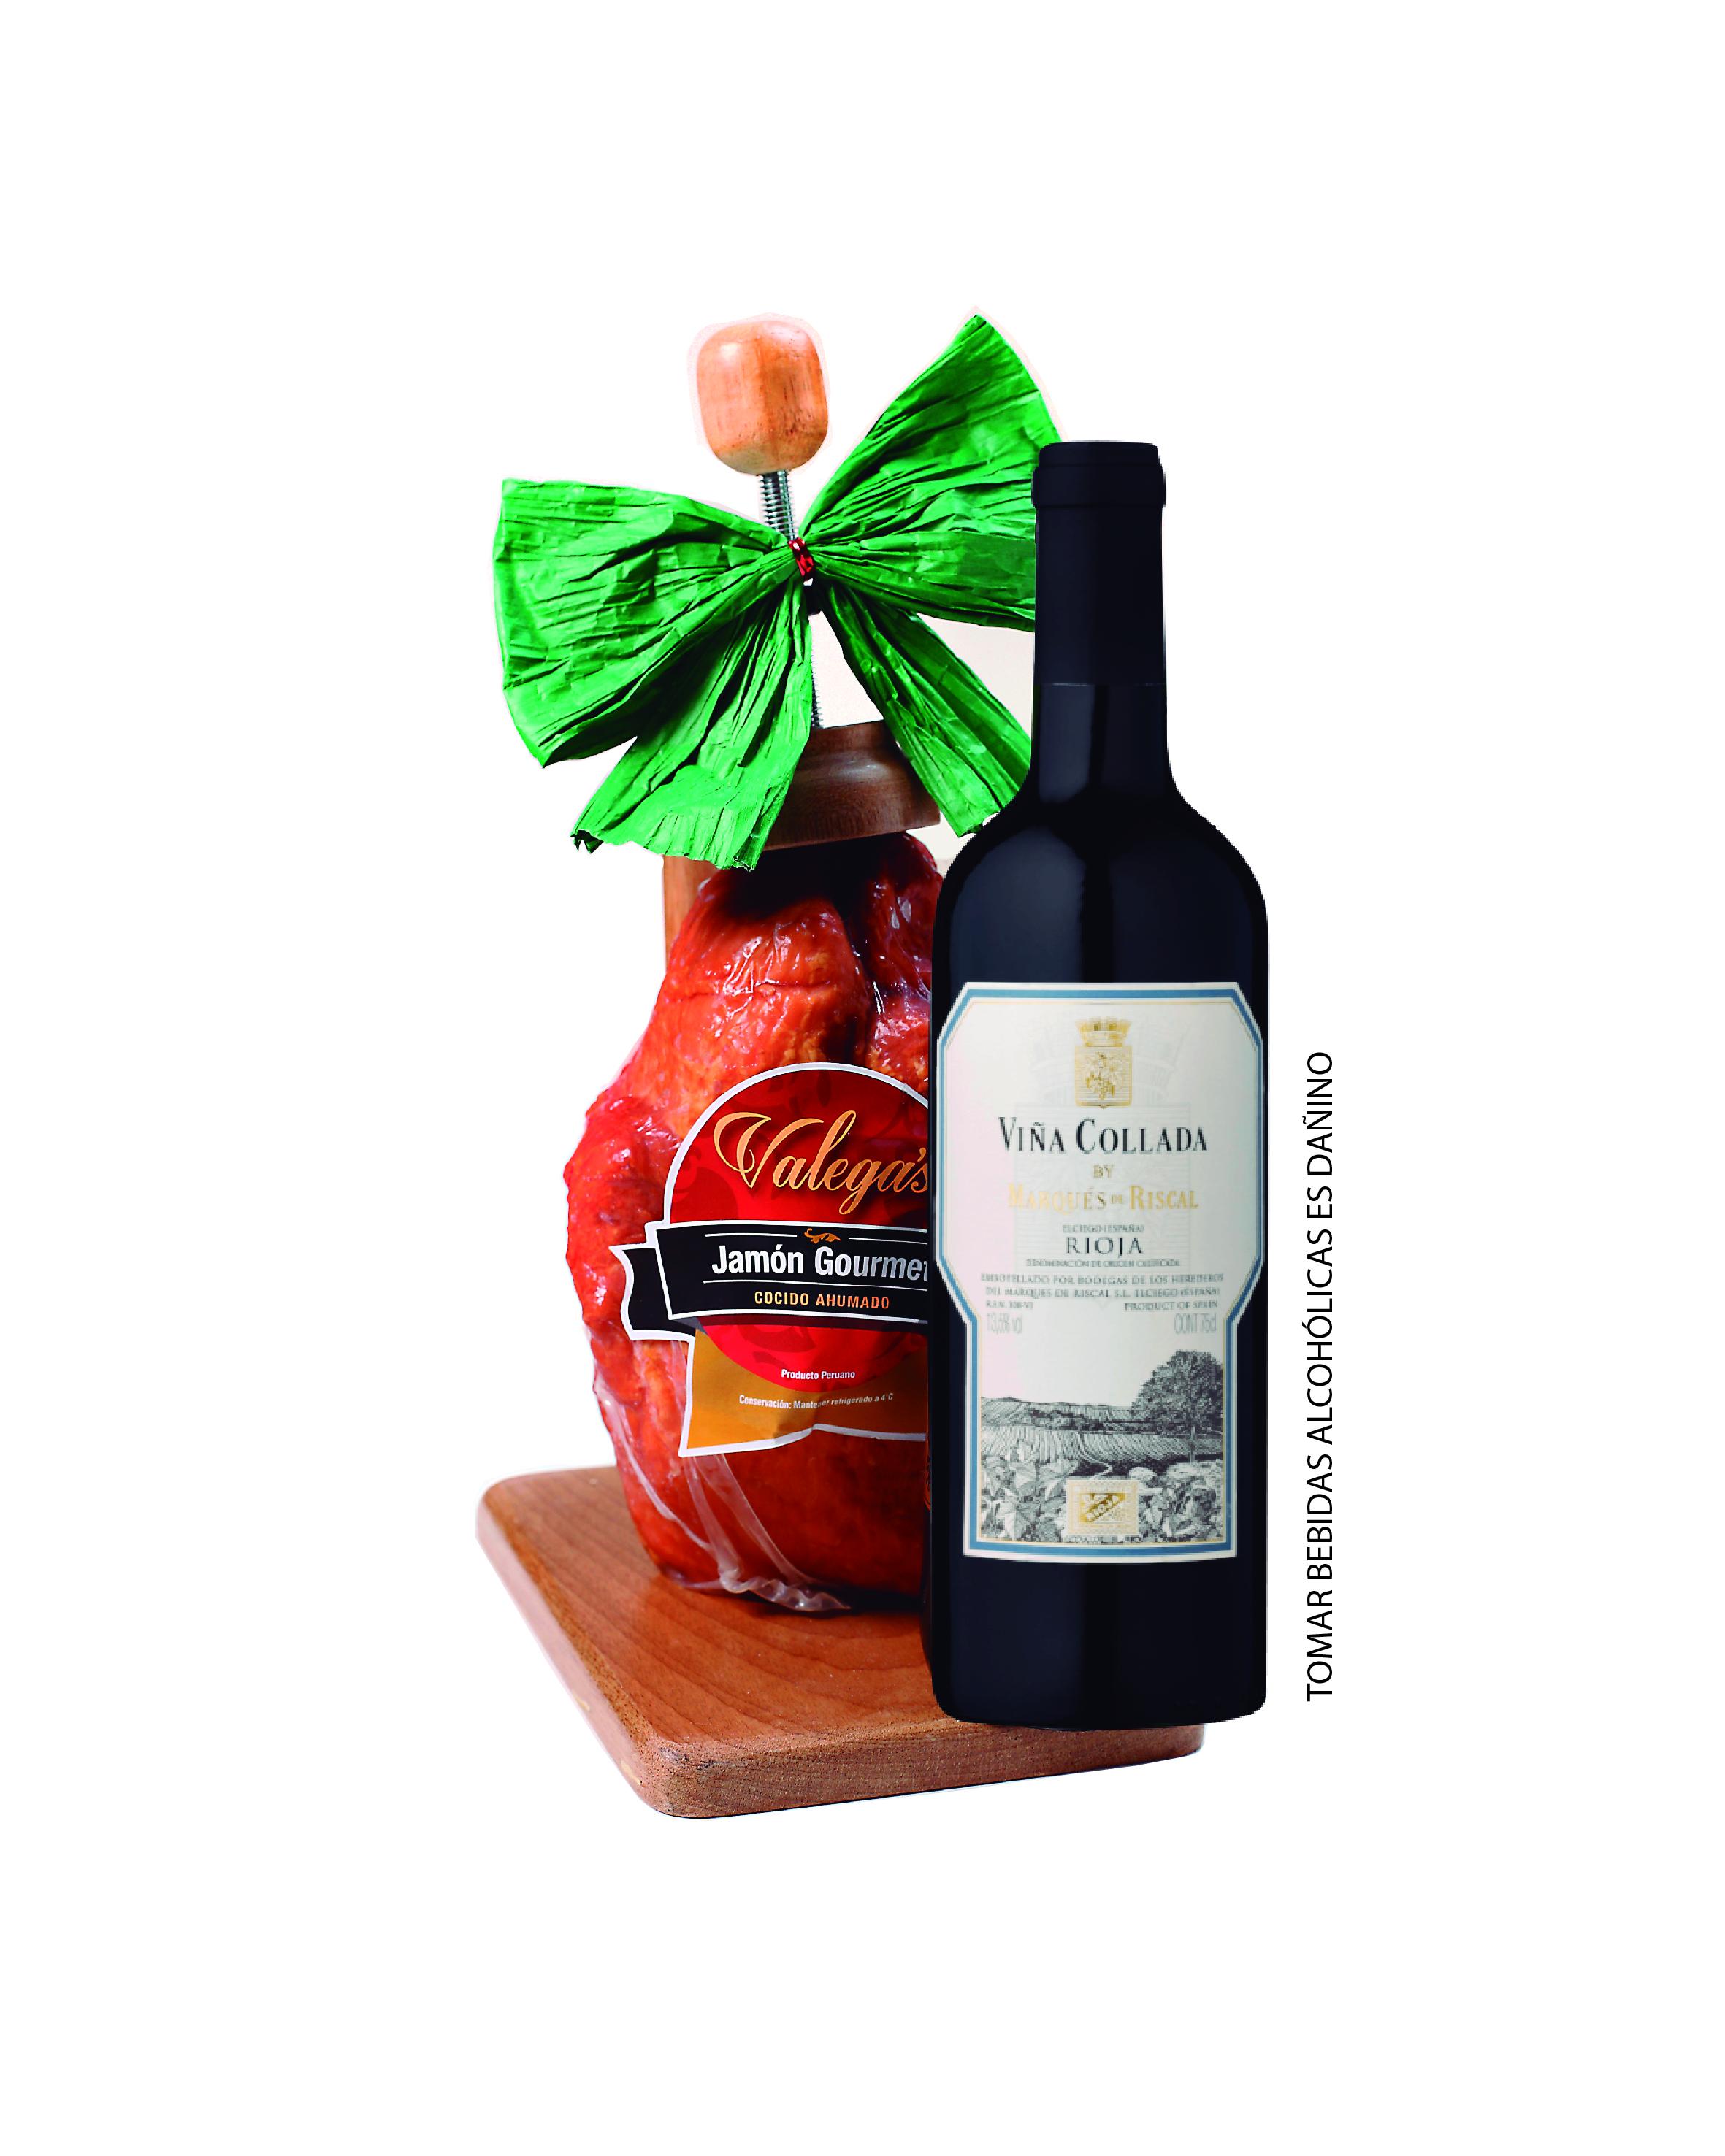 Jamón Gourmet de 2.7kg con parador de madera acompañado por un vino Rioja VC de Marqués del Riscal